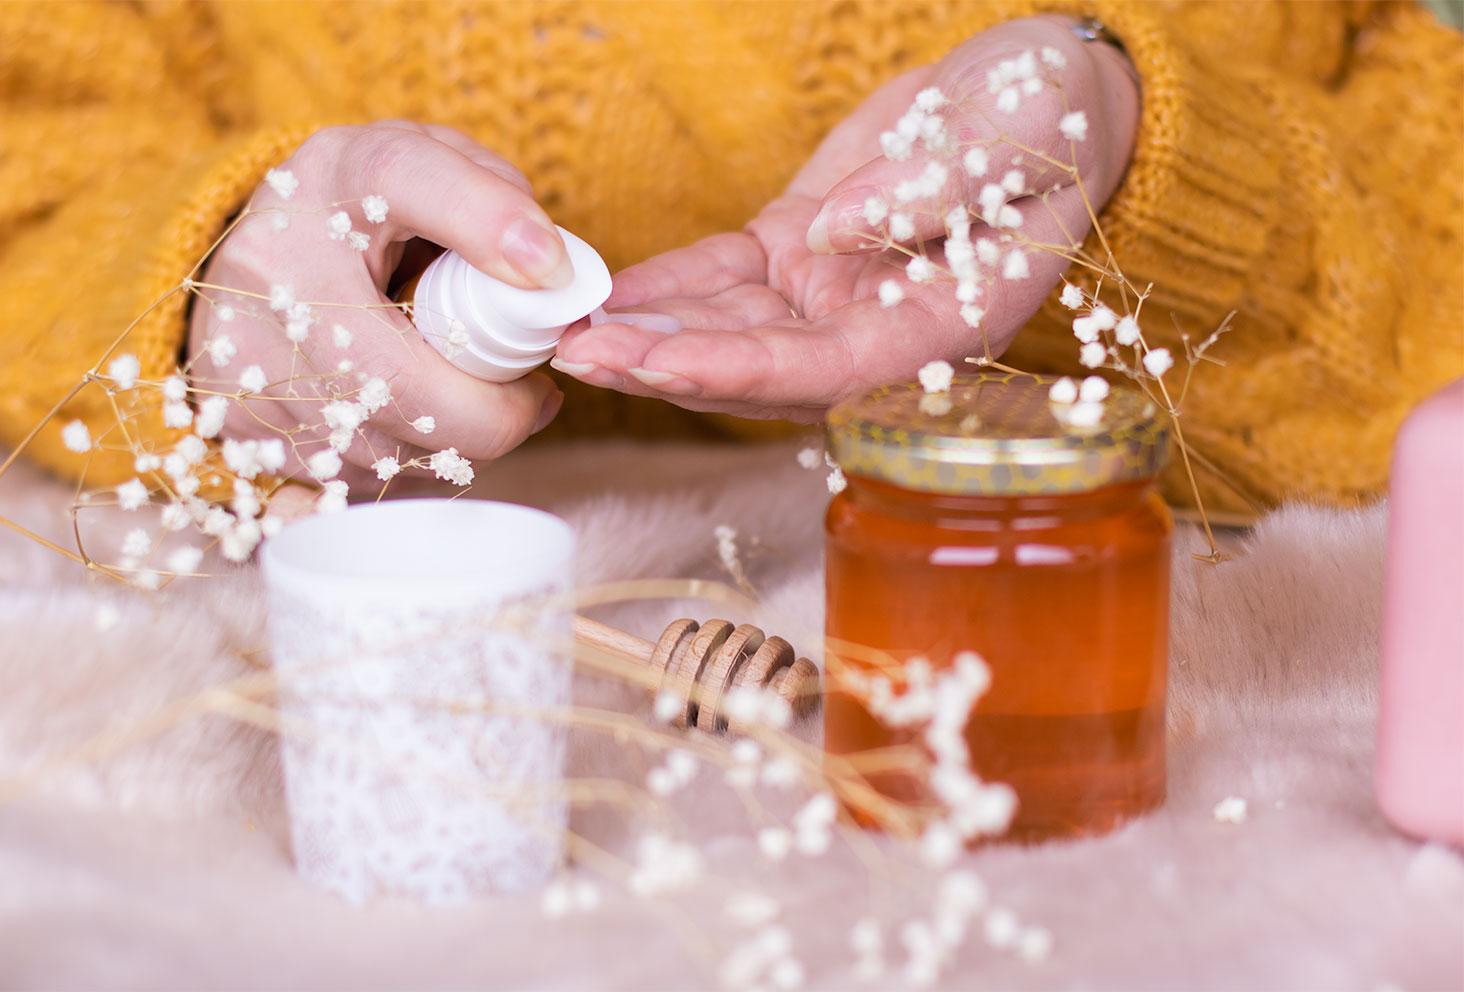 La texture du sérum pour le visage Abellie dans la main tout juste sorti de la pompe, au milieu de fleurs sèches et de miel